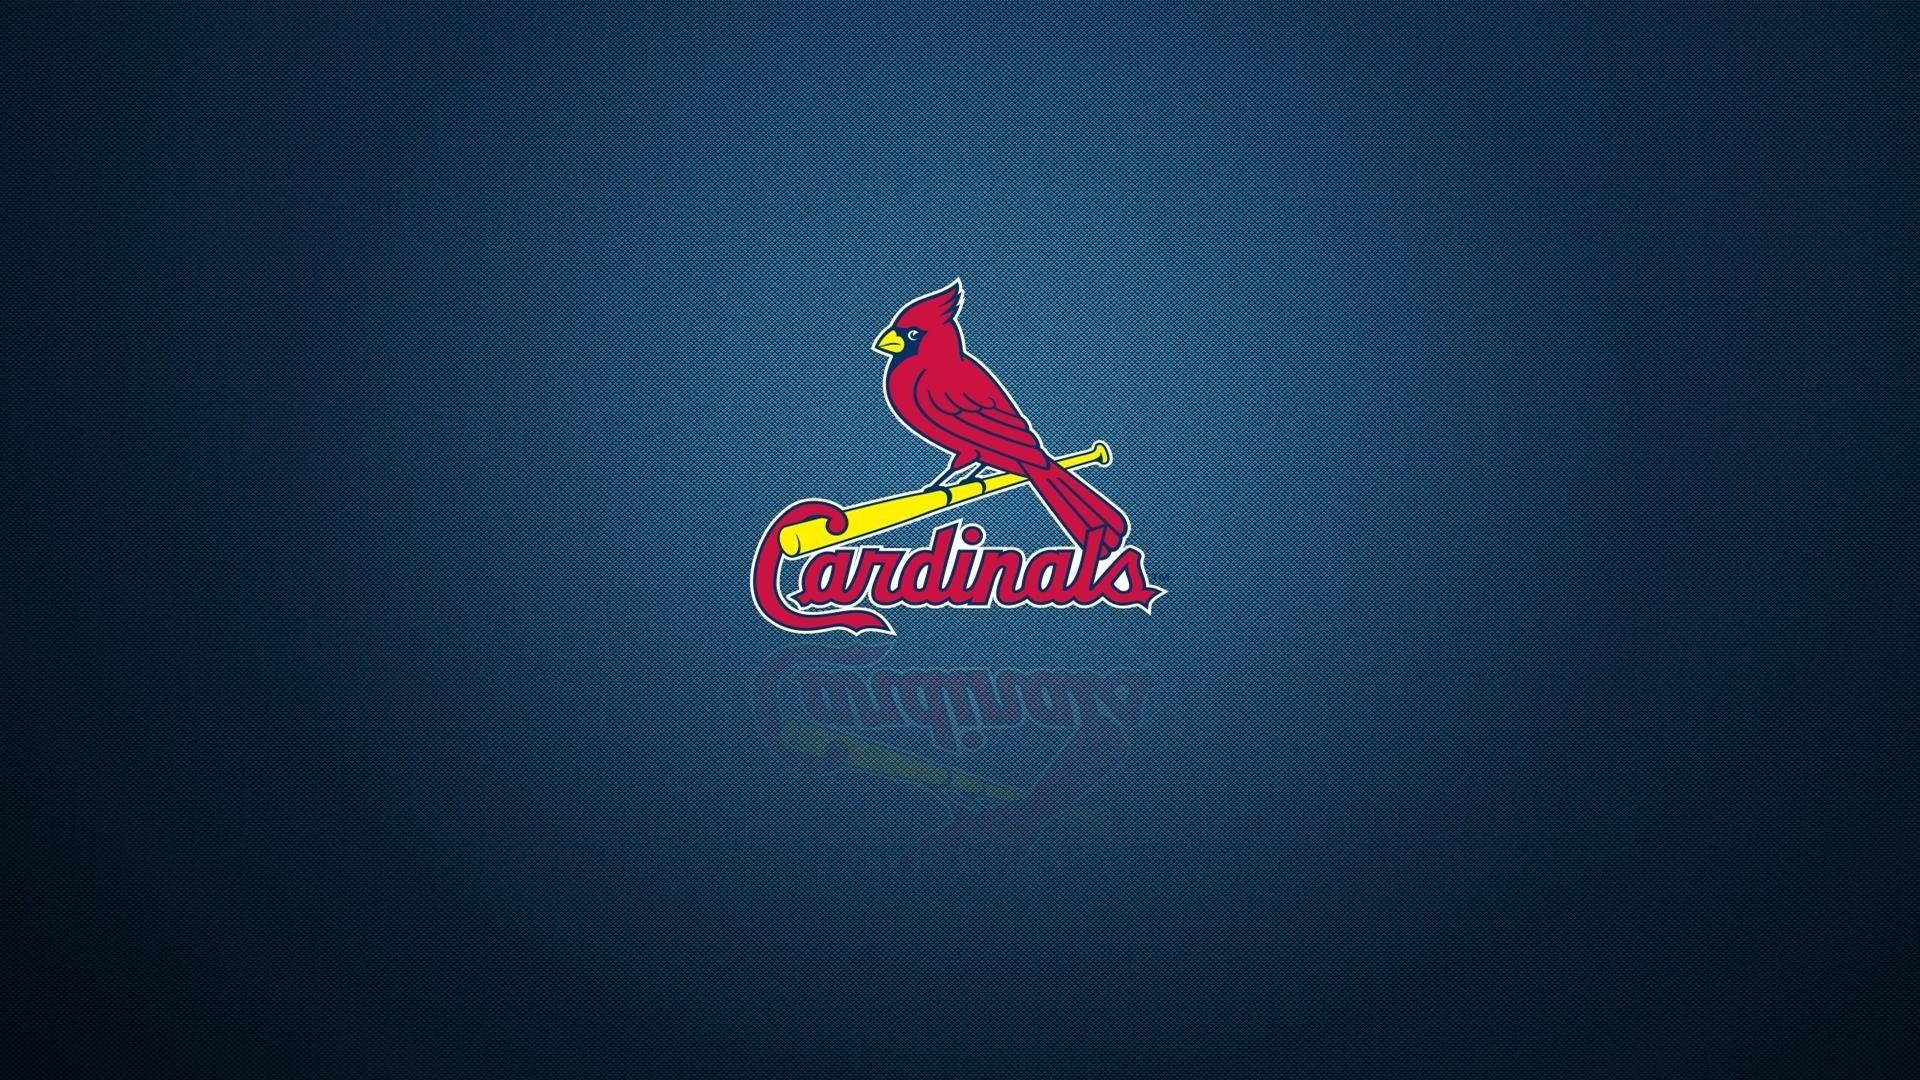 Res: 1920x1080, cardinals wallpaper #43169 .